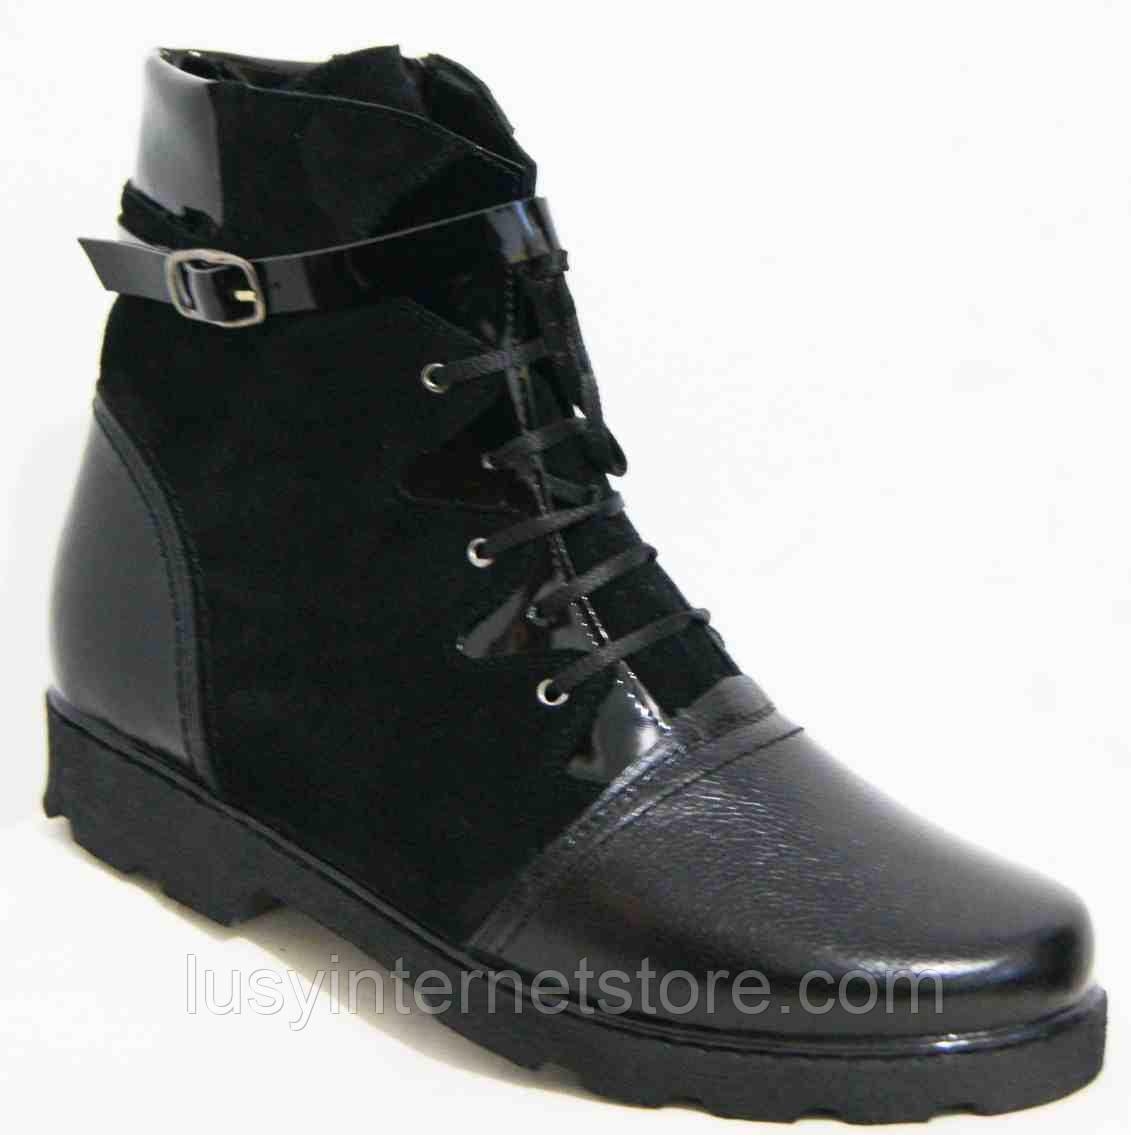 0de18764f7ef Ботинки женские зимние большого размера , женская обувь больших размеров от  производителя модель МИ5193В